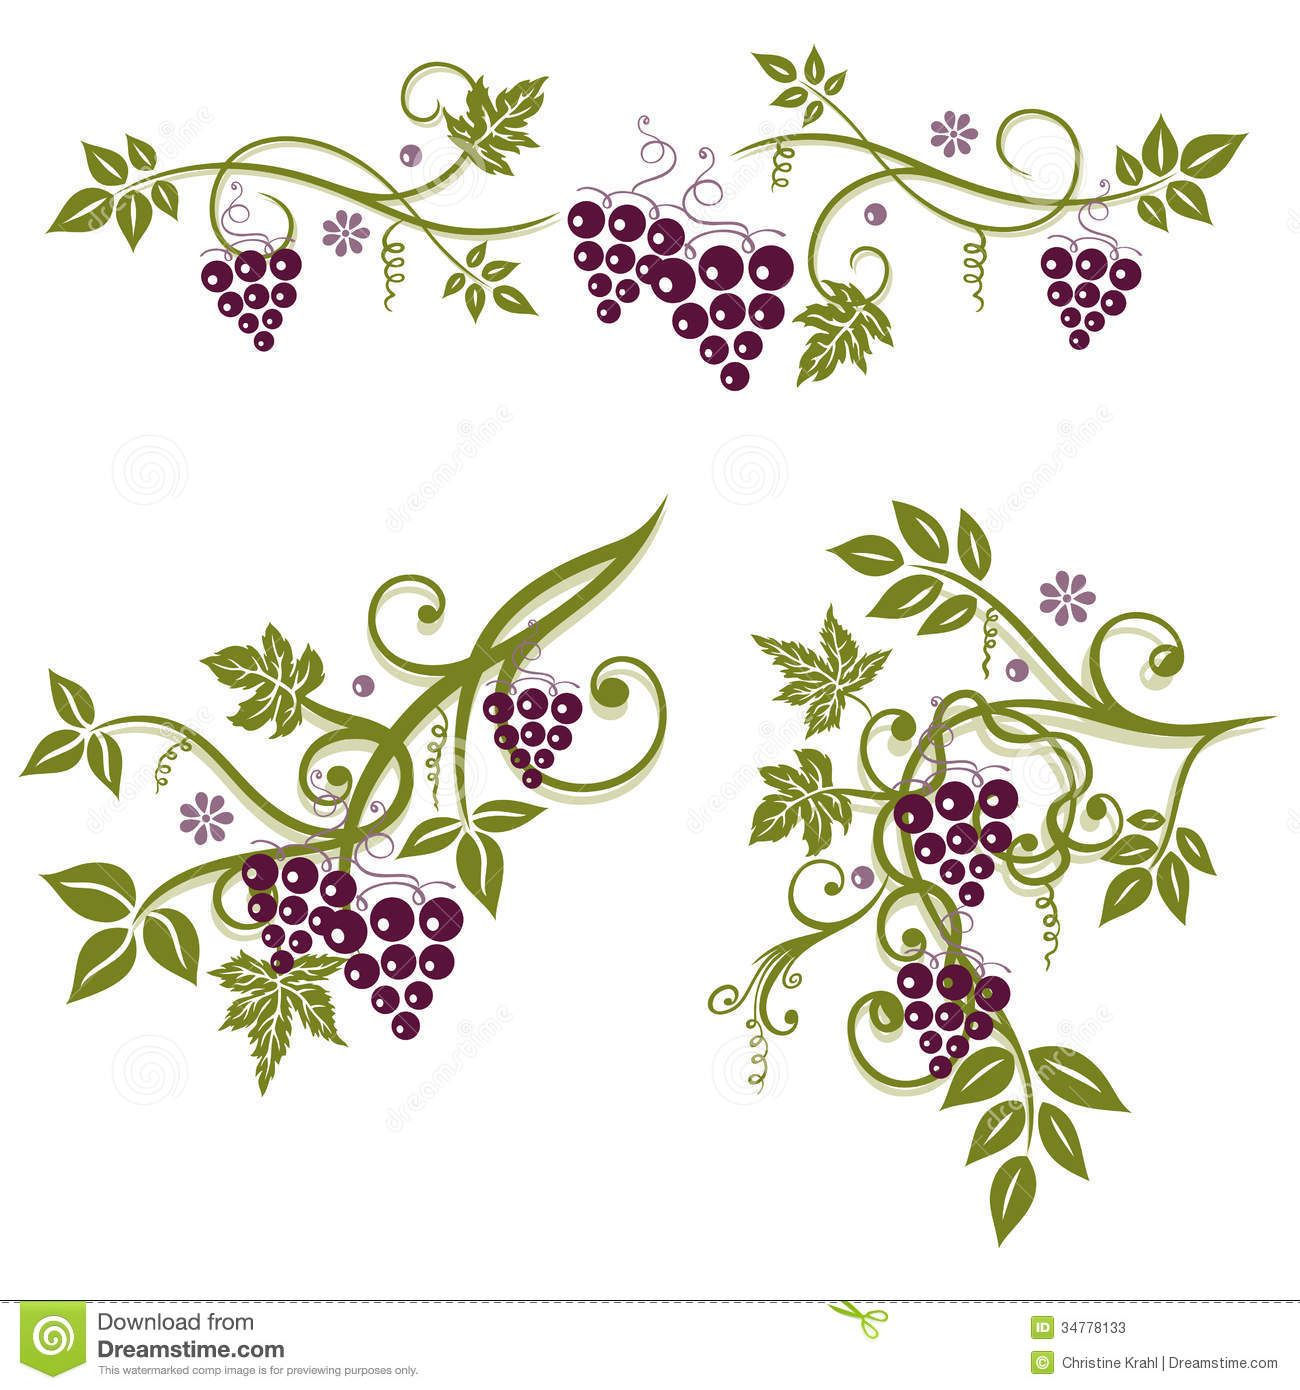 Vine Designs Art : Grape vine leaves google search la cucina inspo